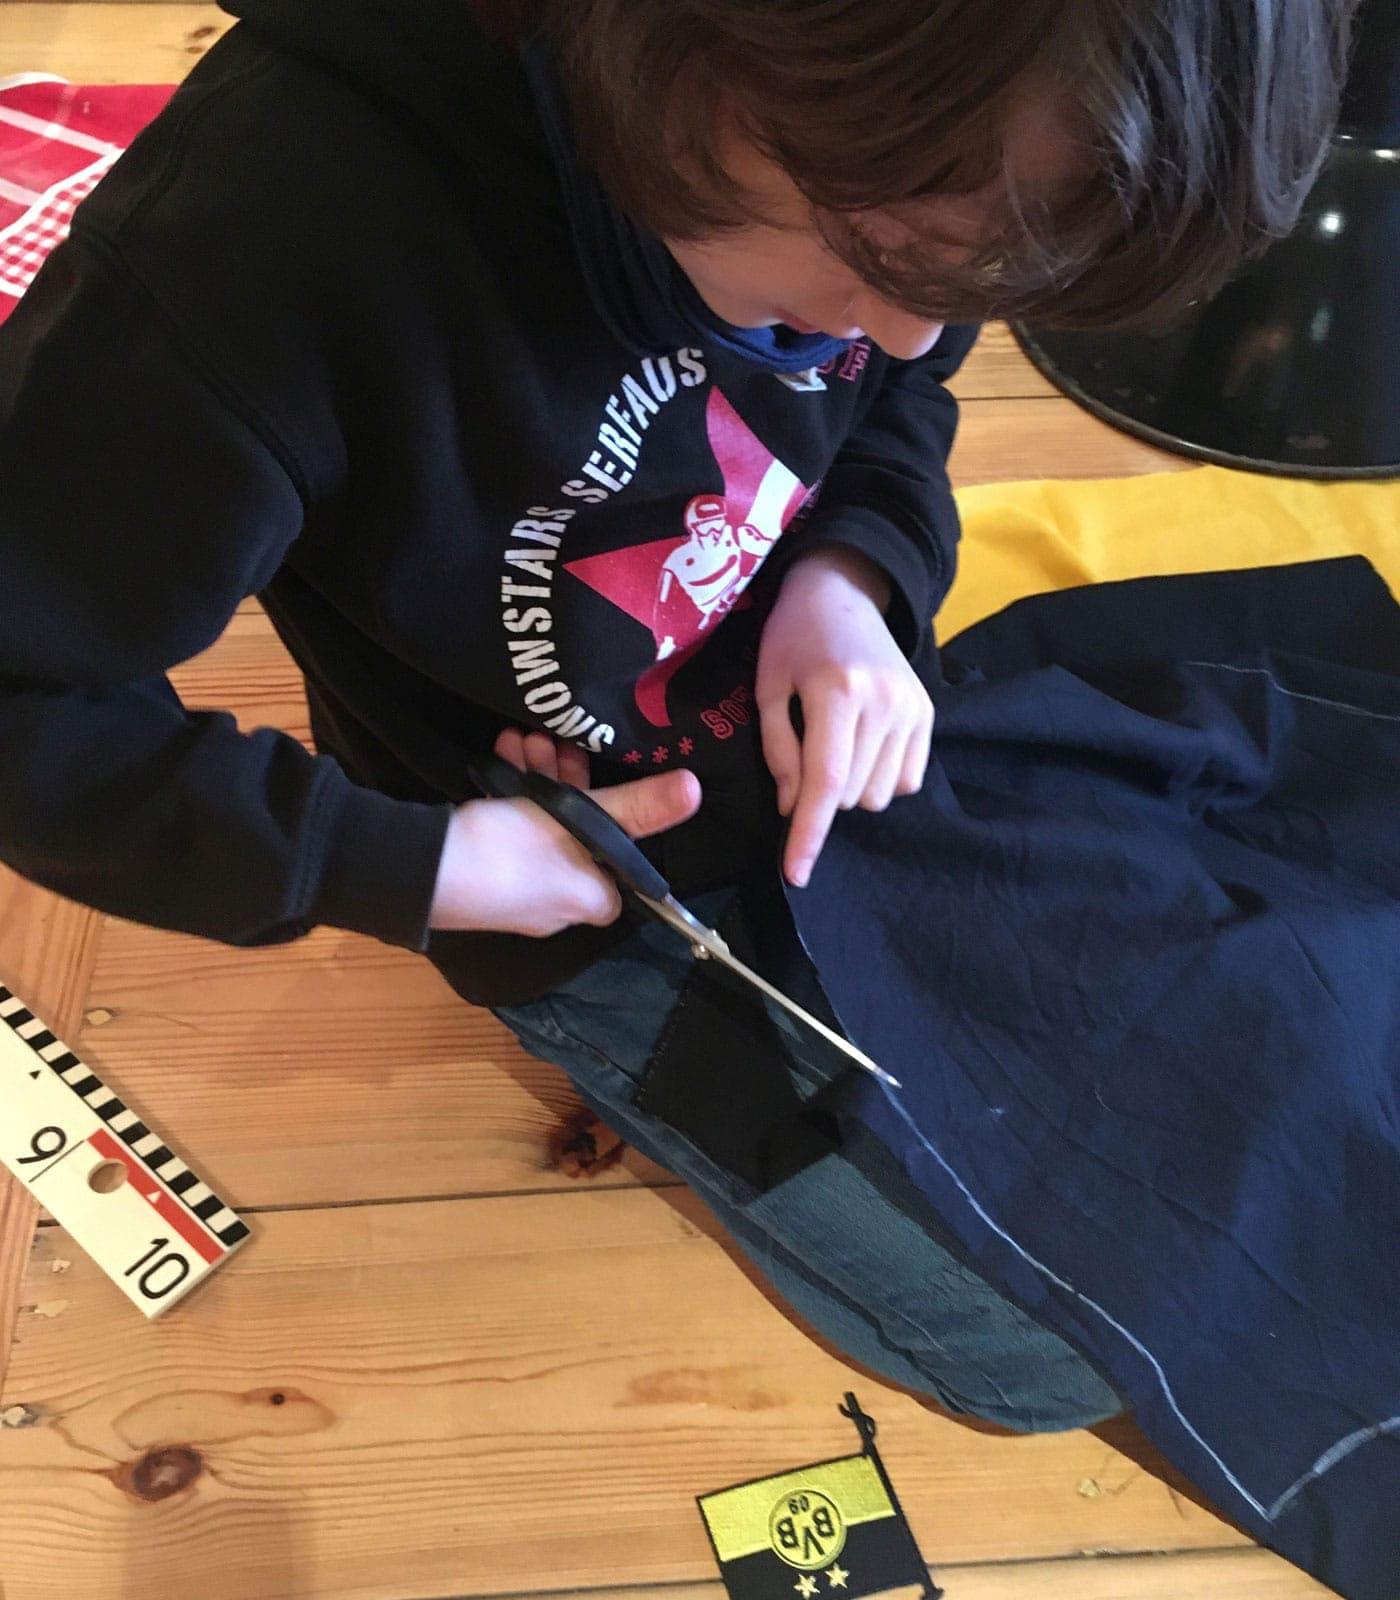 Sechs Wochen Quarantäne-Auszeit mit Kind – Nähprojekt für Kinder: BVB-Schürze nähen // HIMBEER